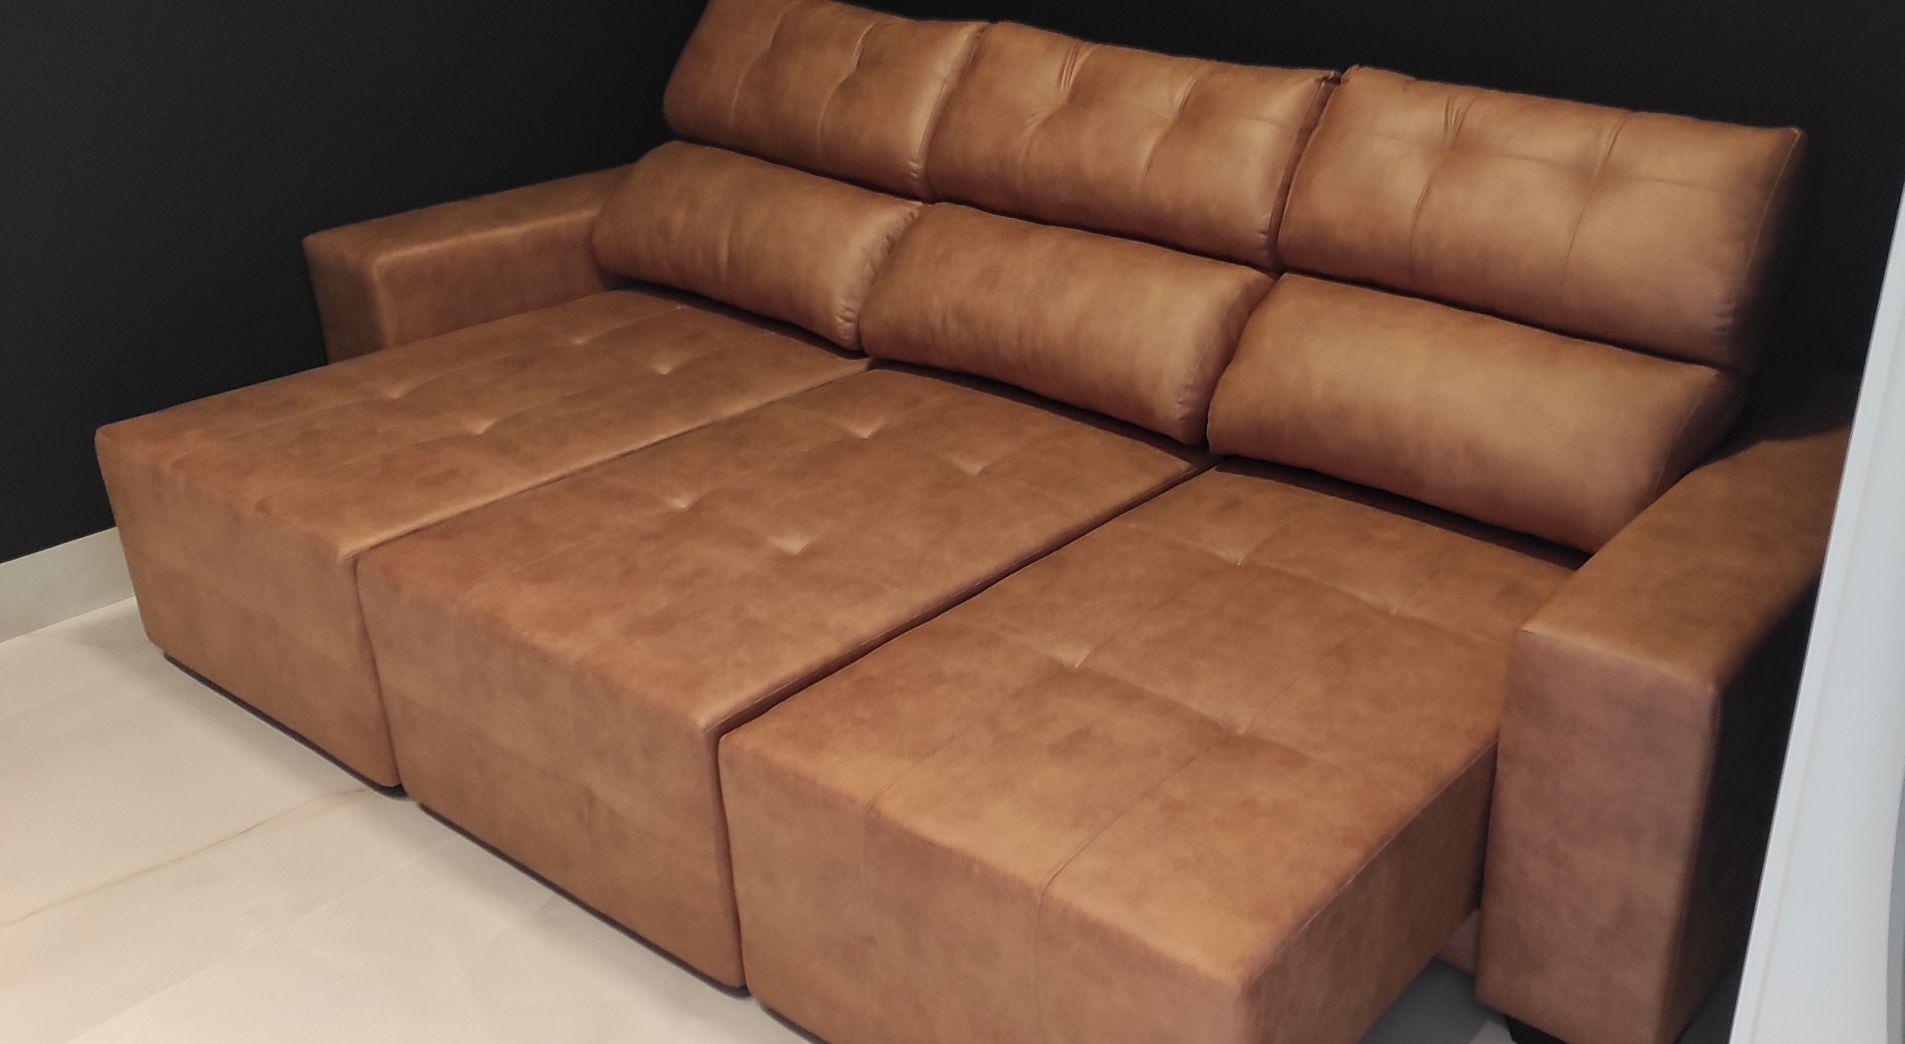 sofá retrátil reclinável 2,80.